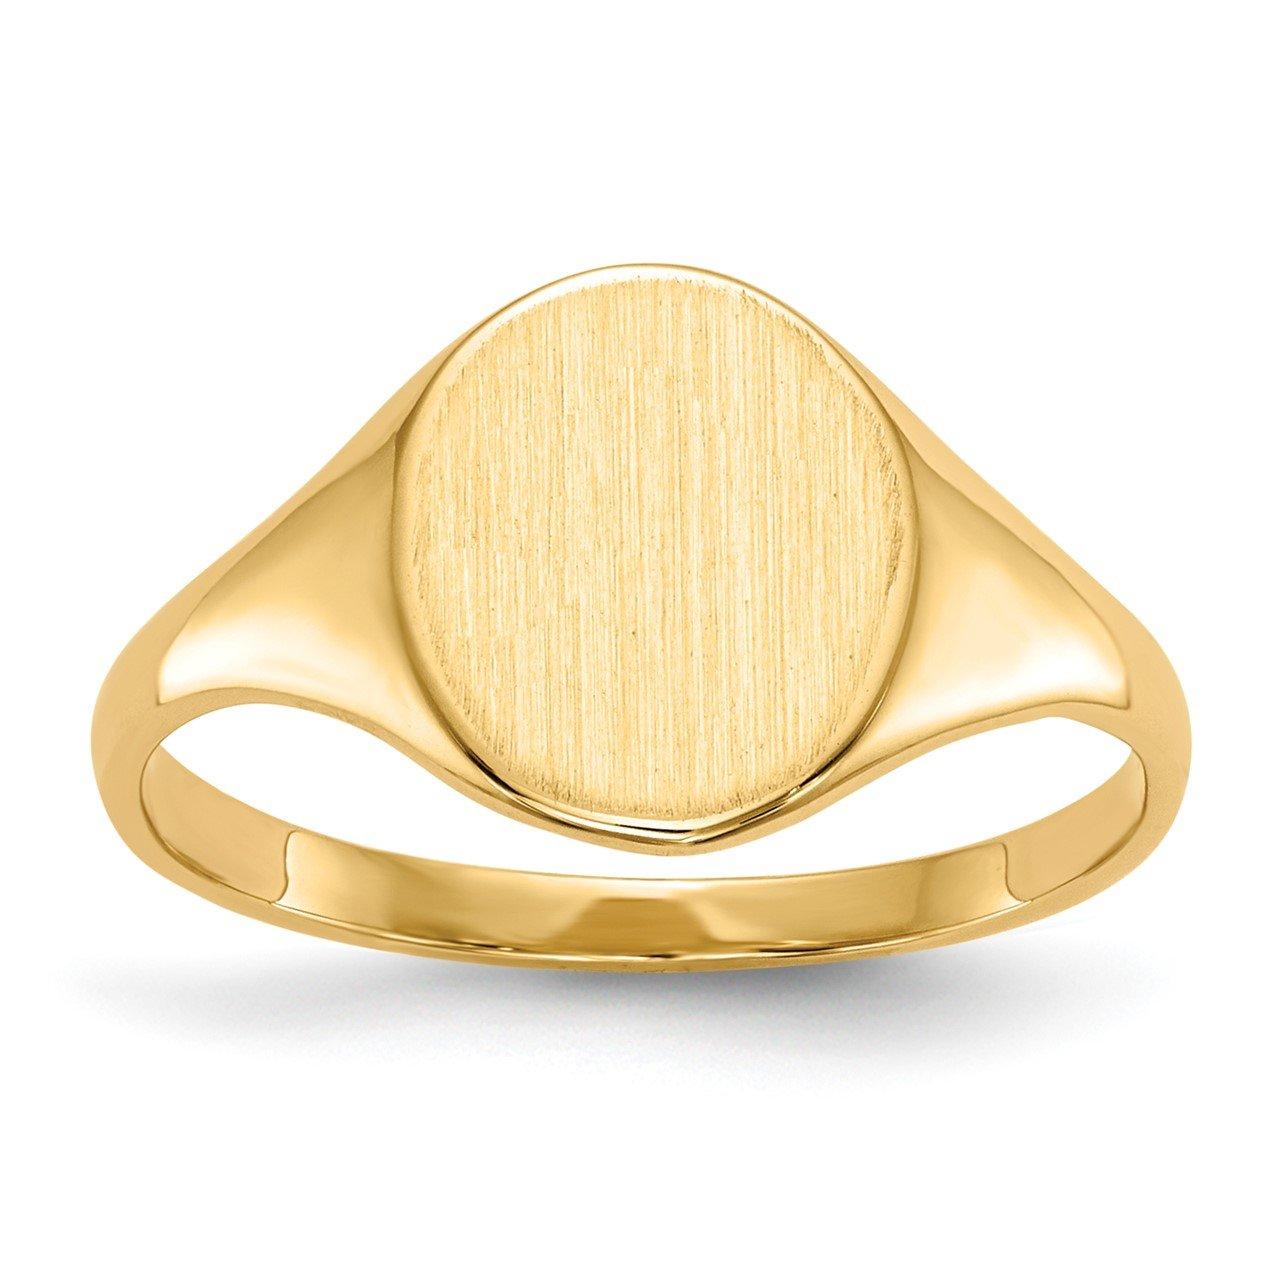 14k 10.0x8.5mm Open Back Signet Ring